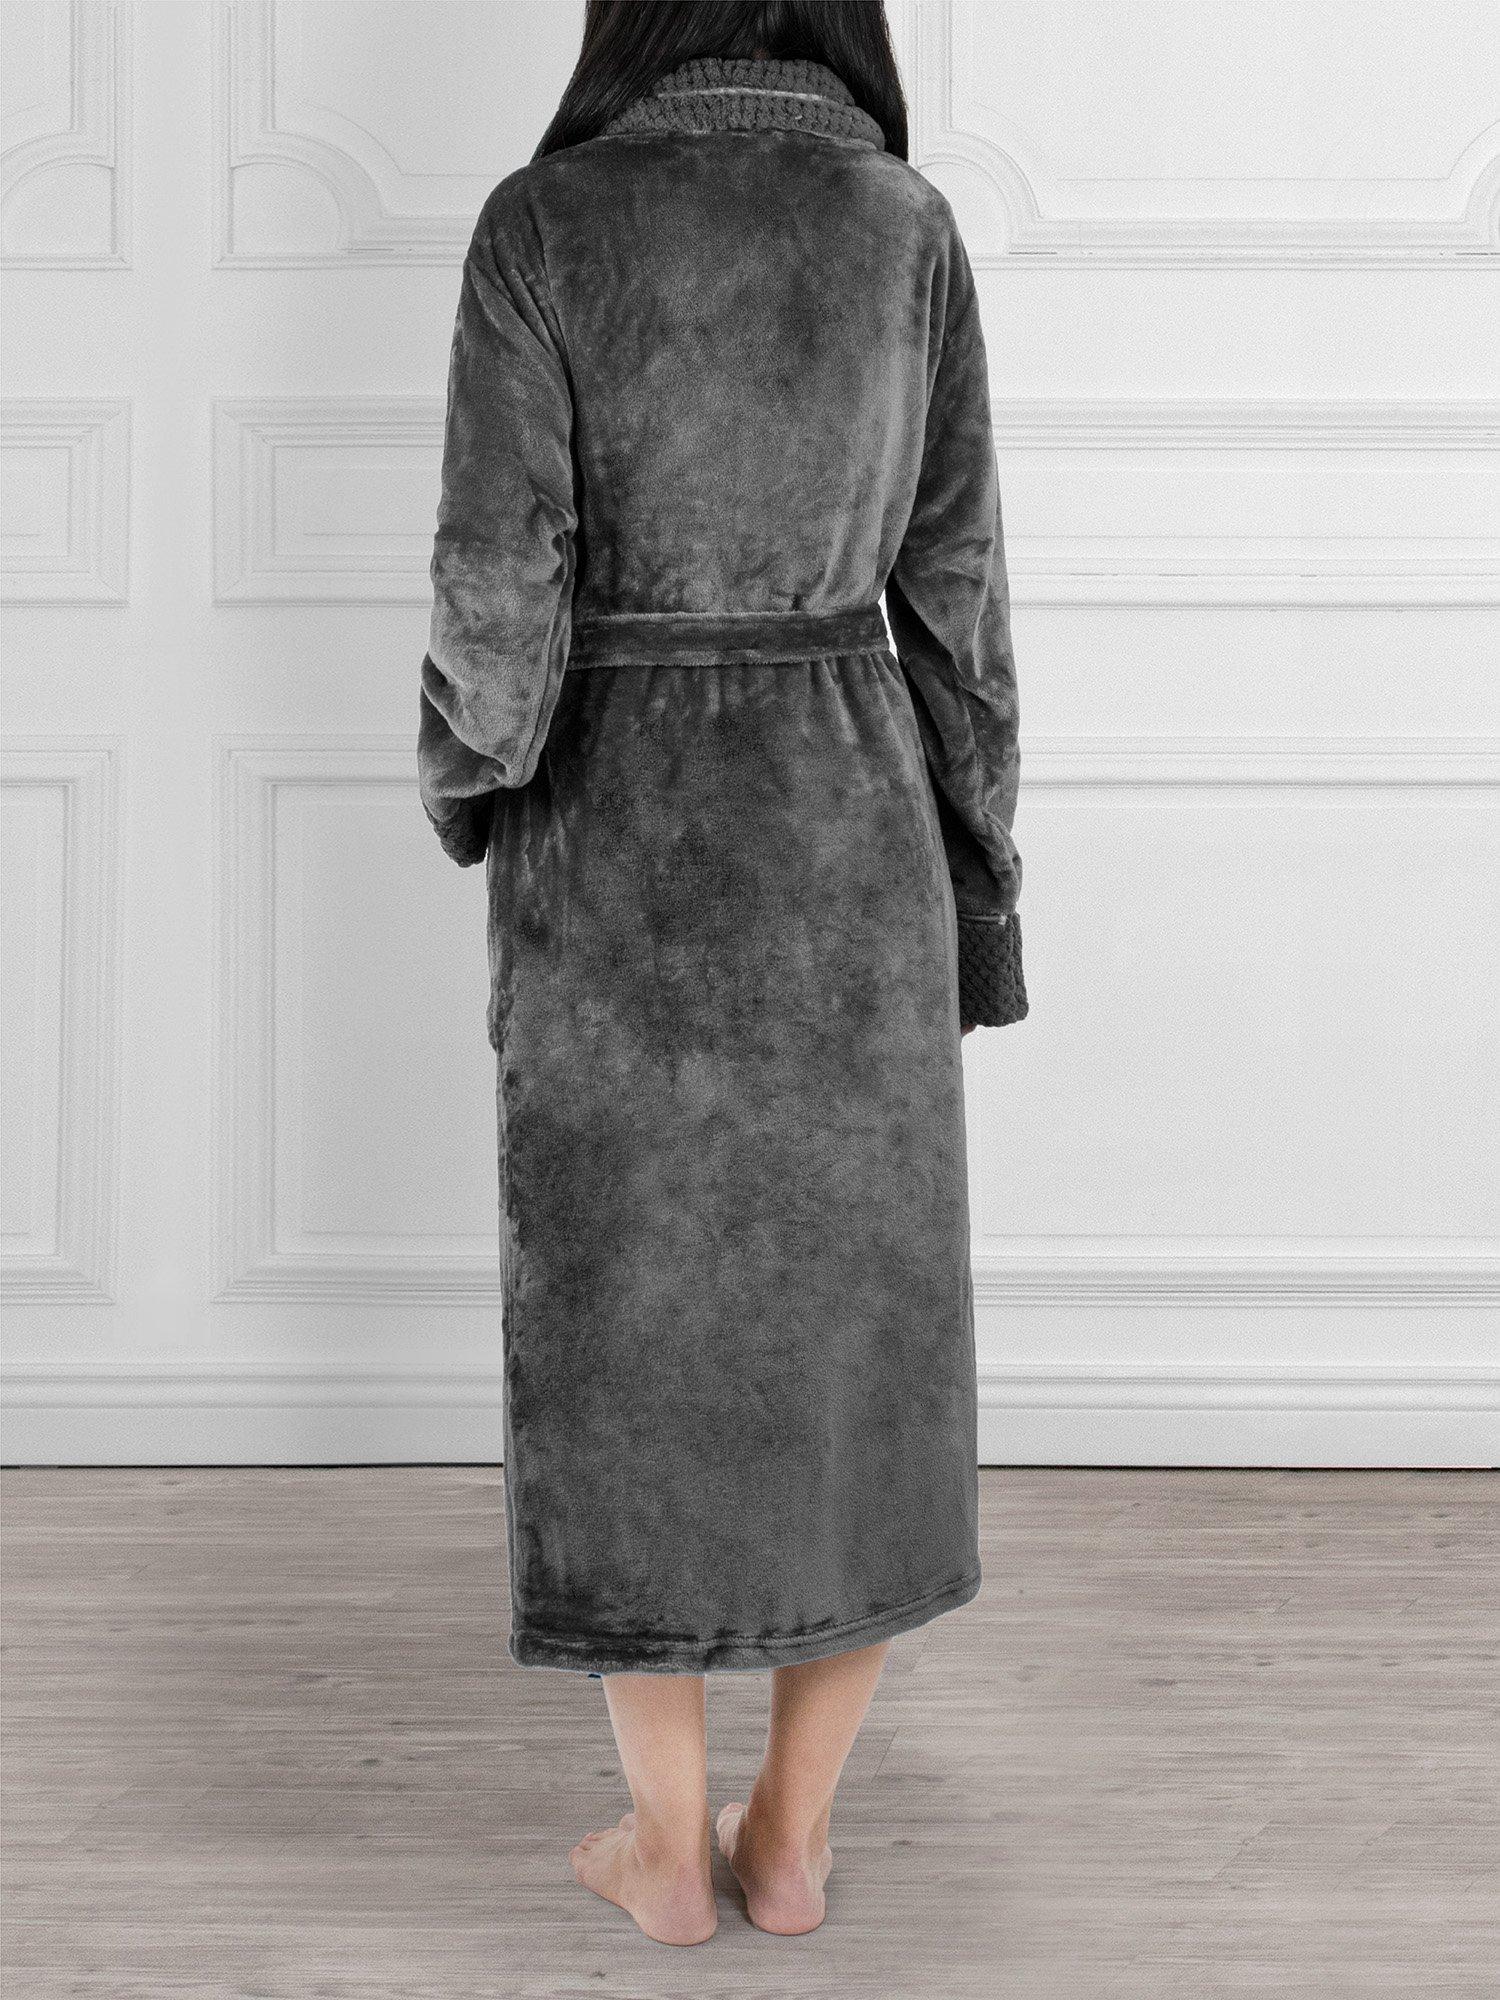 Deluxe Women Fleece Robe with Satin Trim | Luxurious Plush Spa Bathrobe Waffle Design by PAVILIA (Image #4)